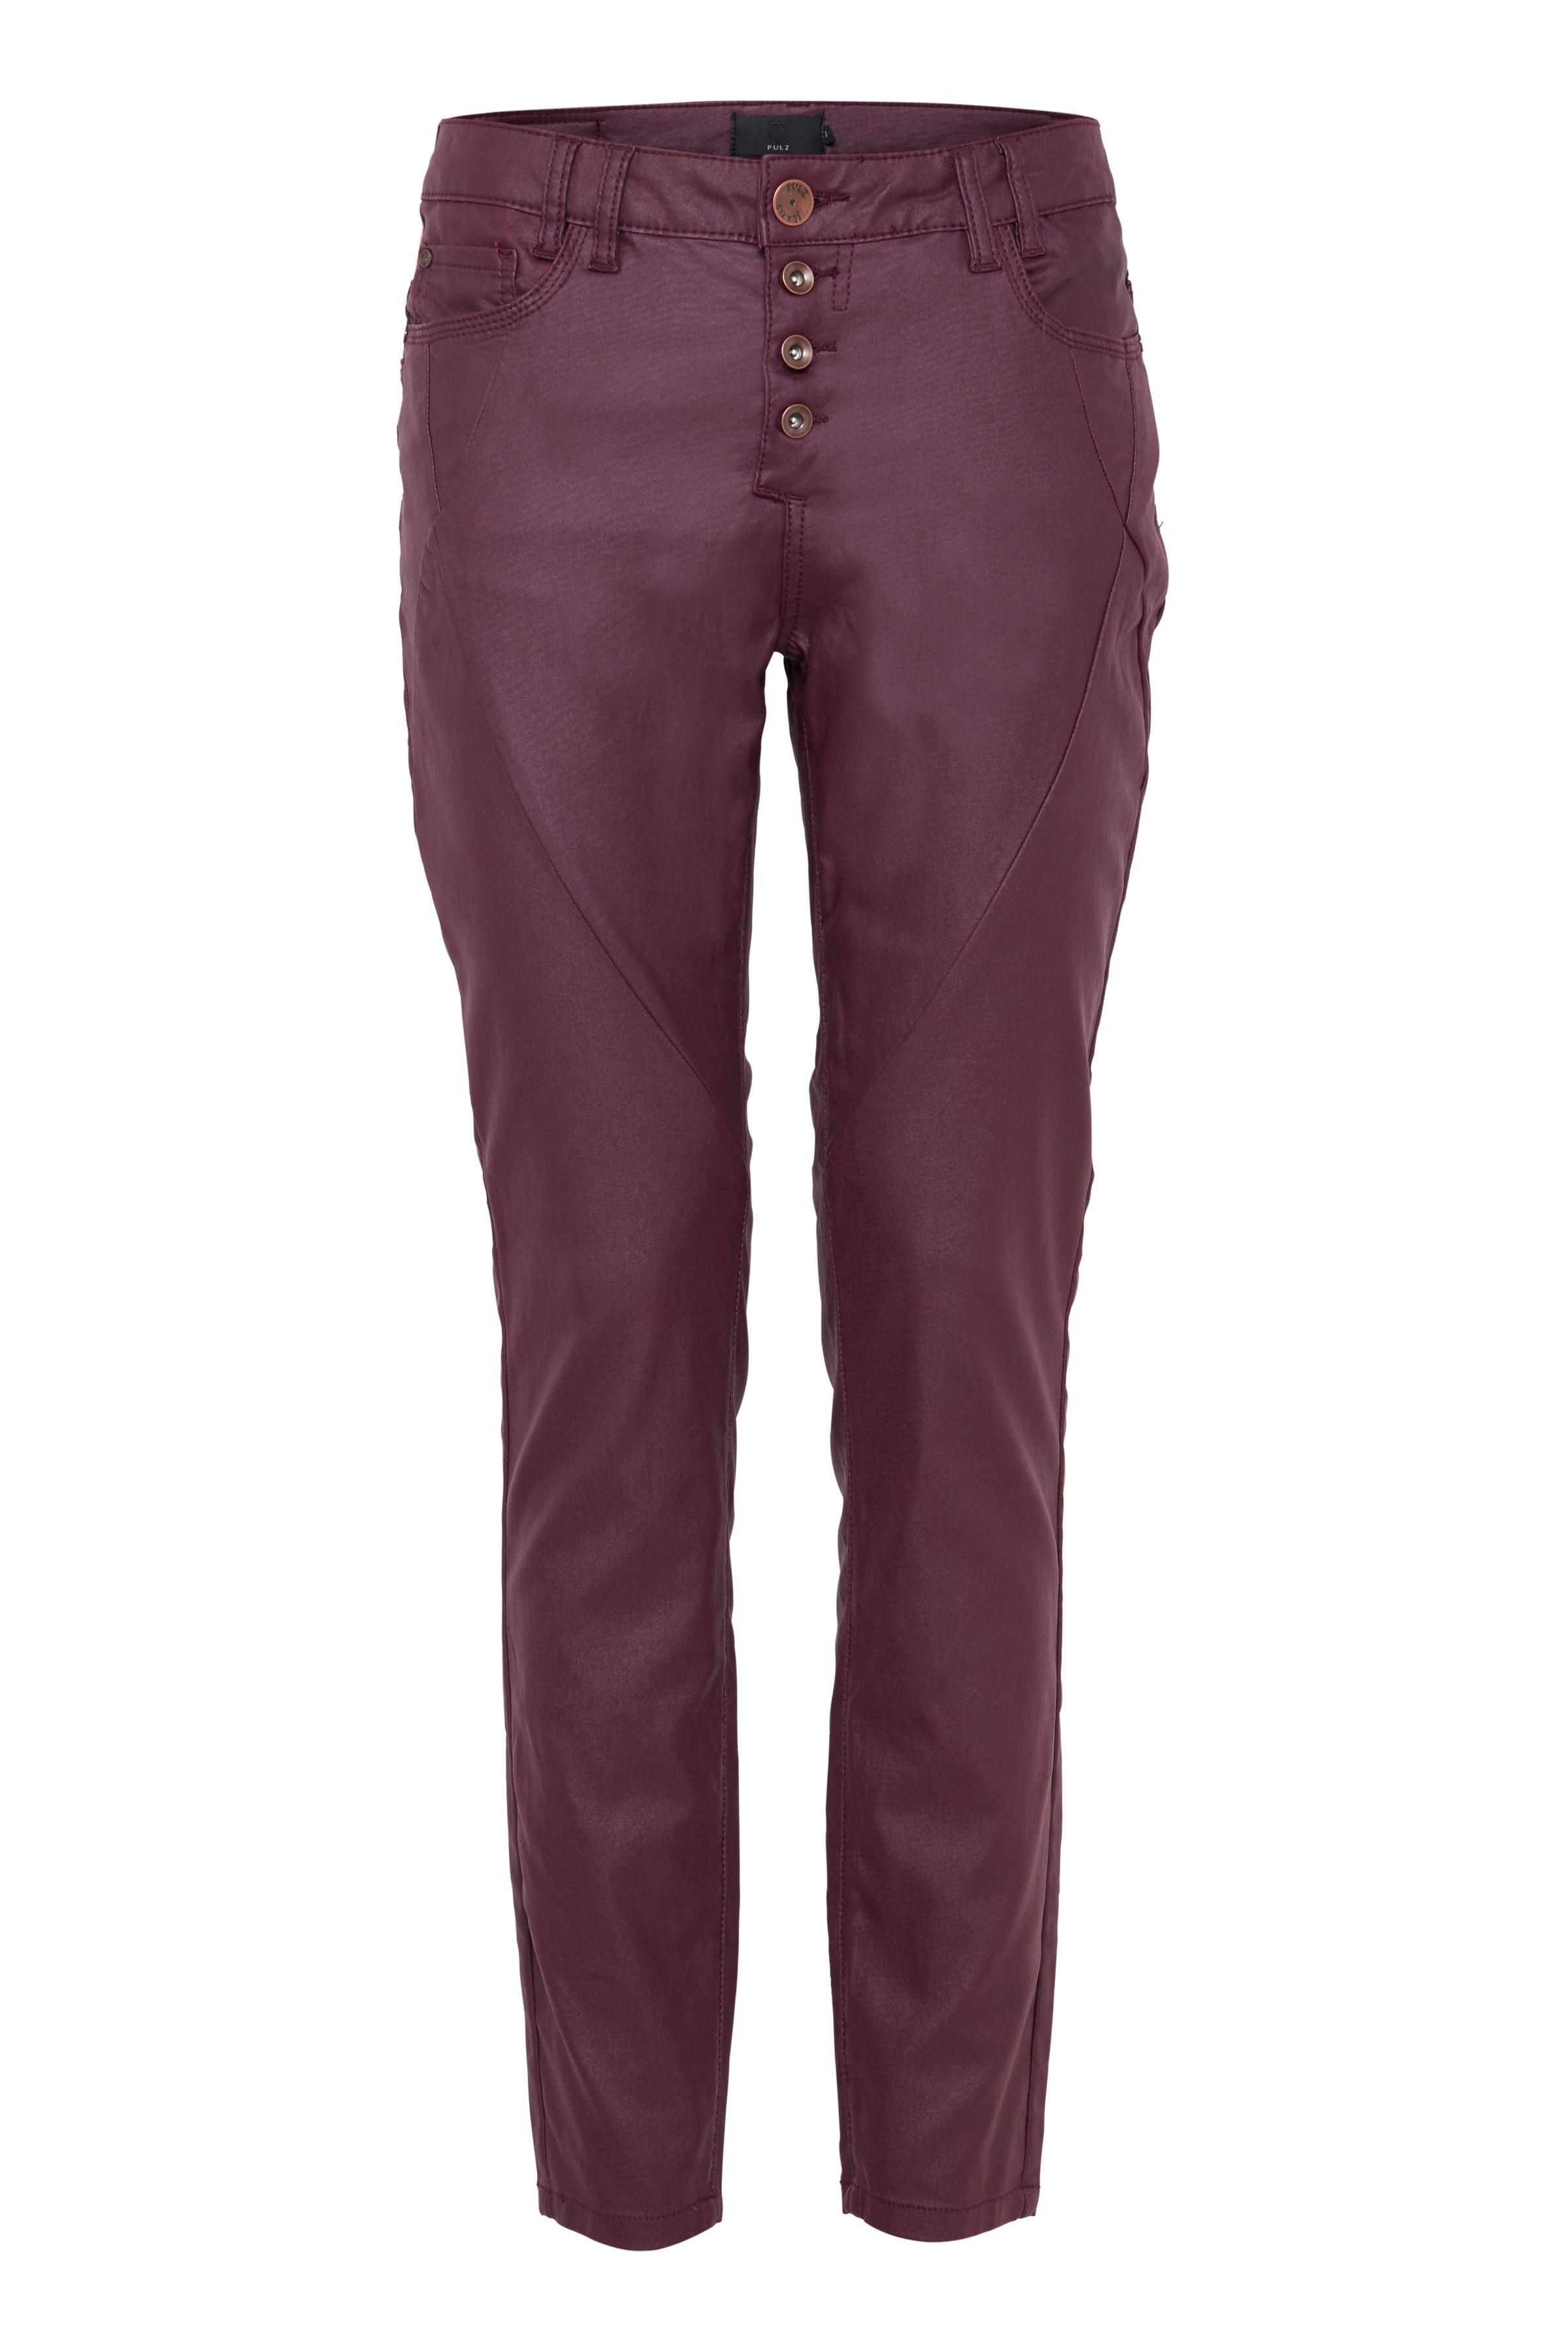 Image of Pulz Jeans Dame Buks - Bordeaux